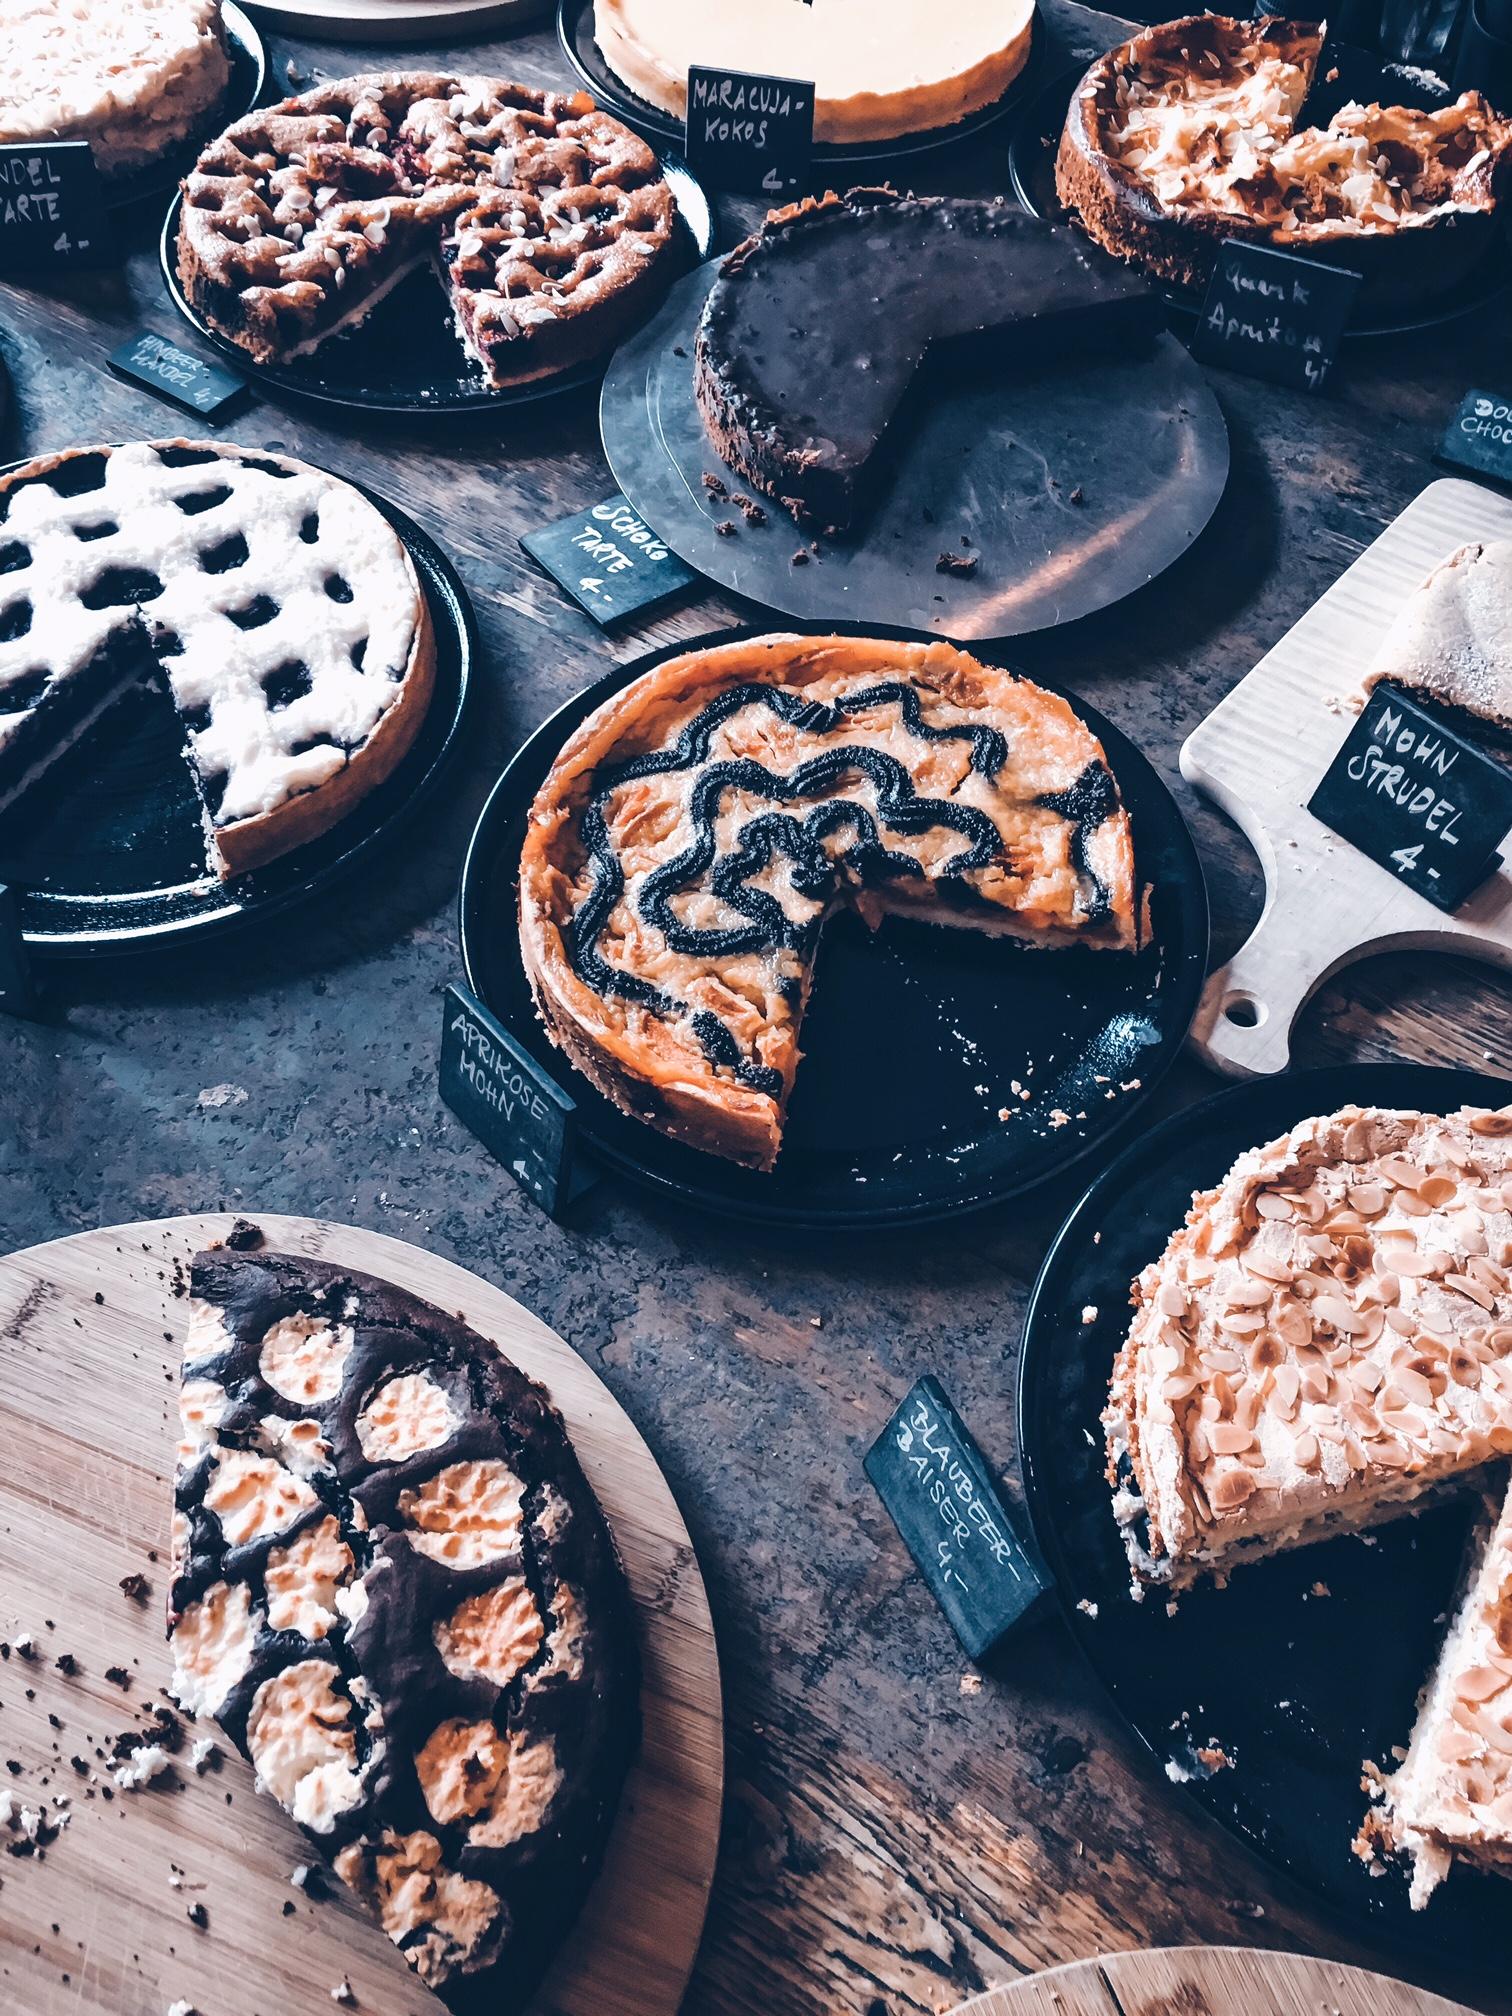 Must-eat: Kuchen im Occam deli